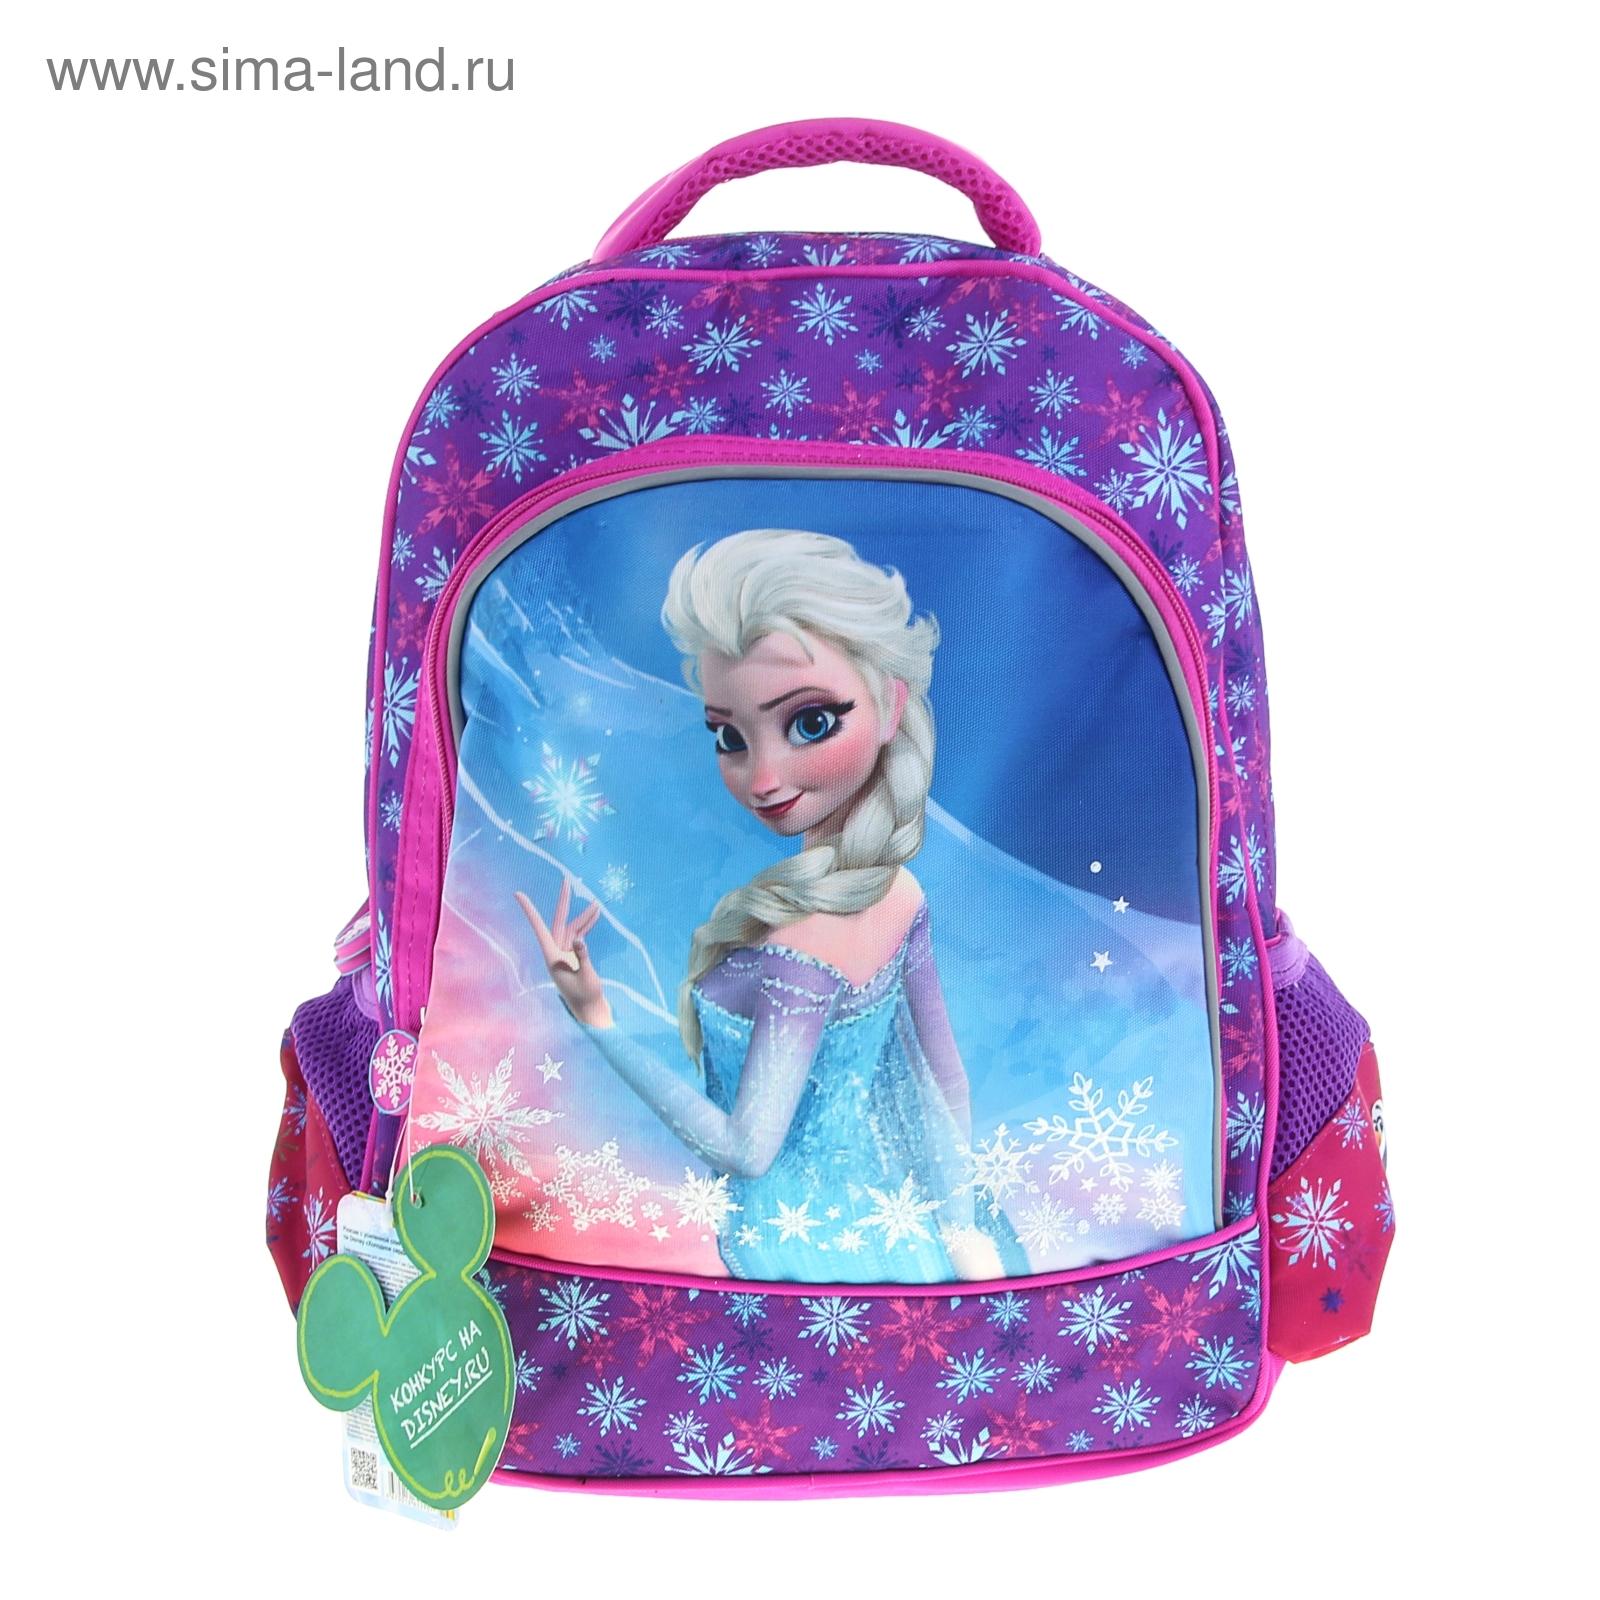 b703e4ad087d Рюкзак школьный эргономичная спинка Disney Frozen, для девочки ...